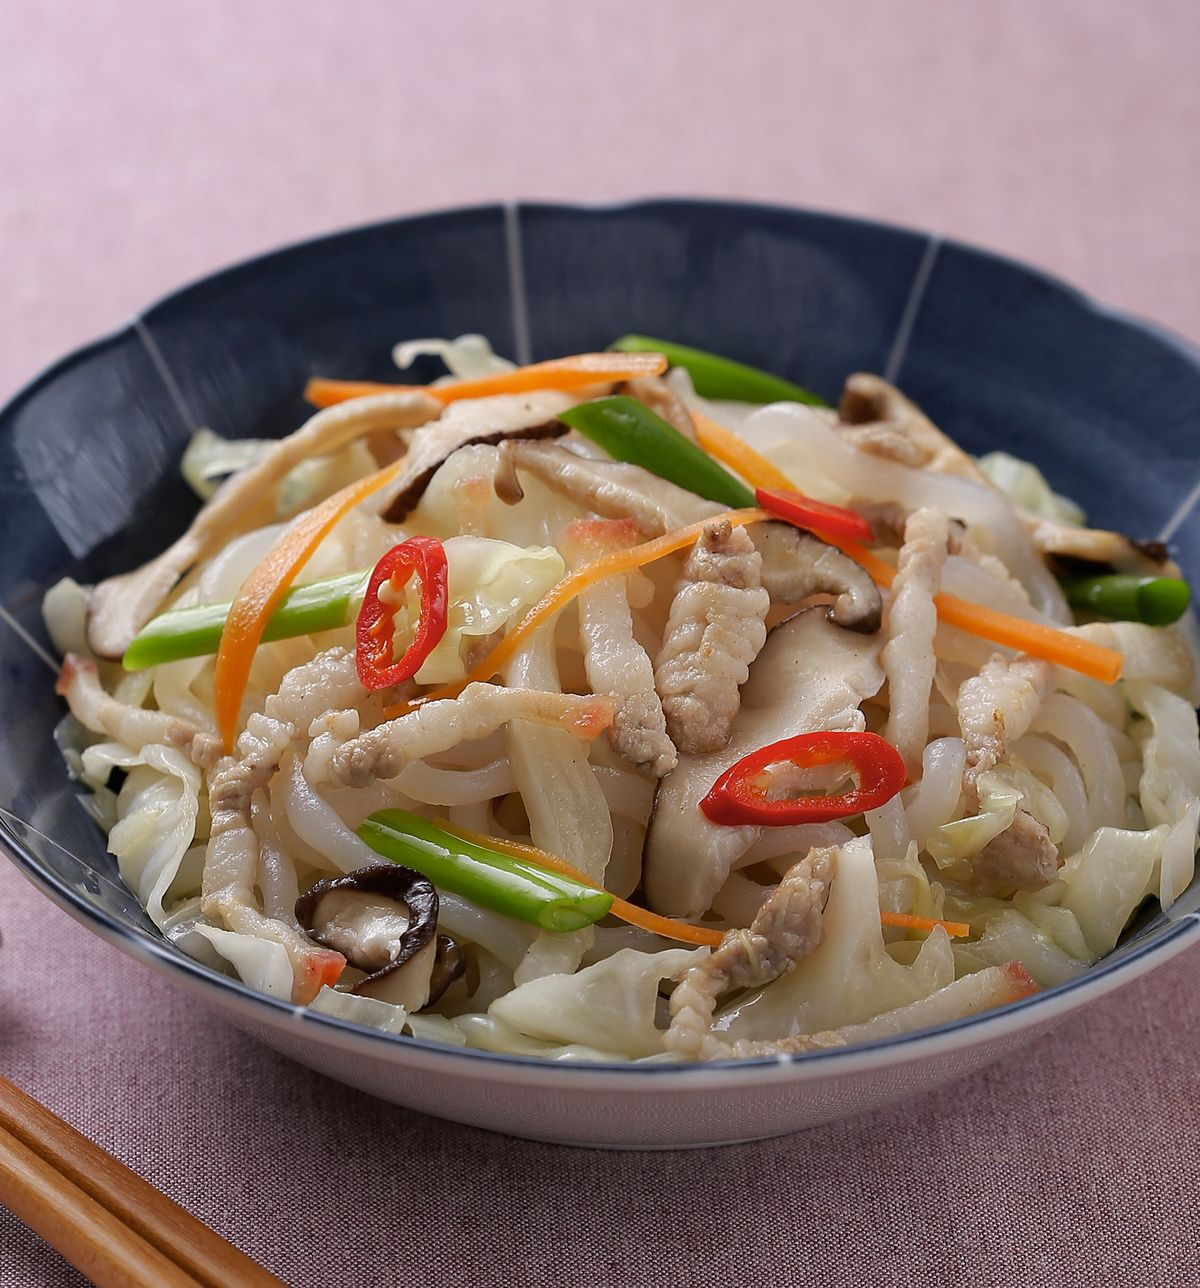 食譜:肉絲蒟蒻炒麵